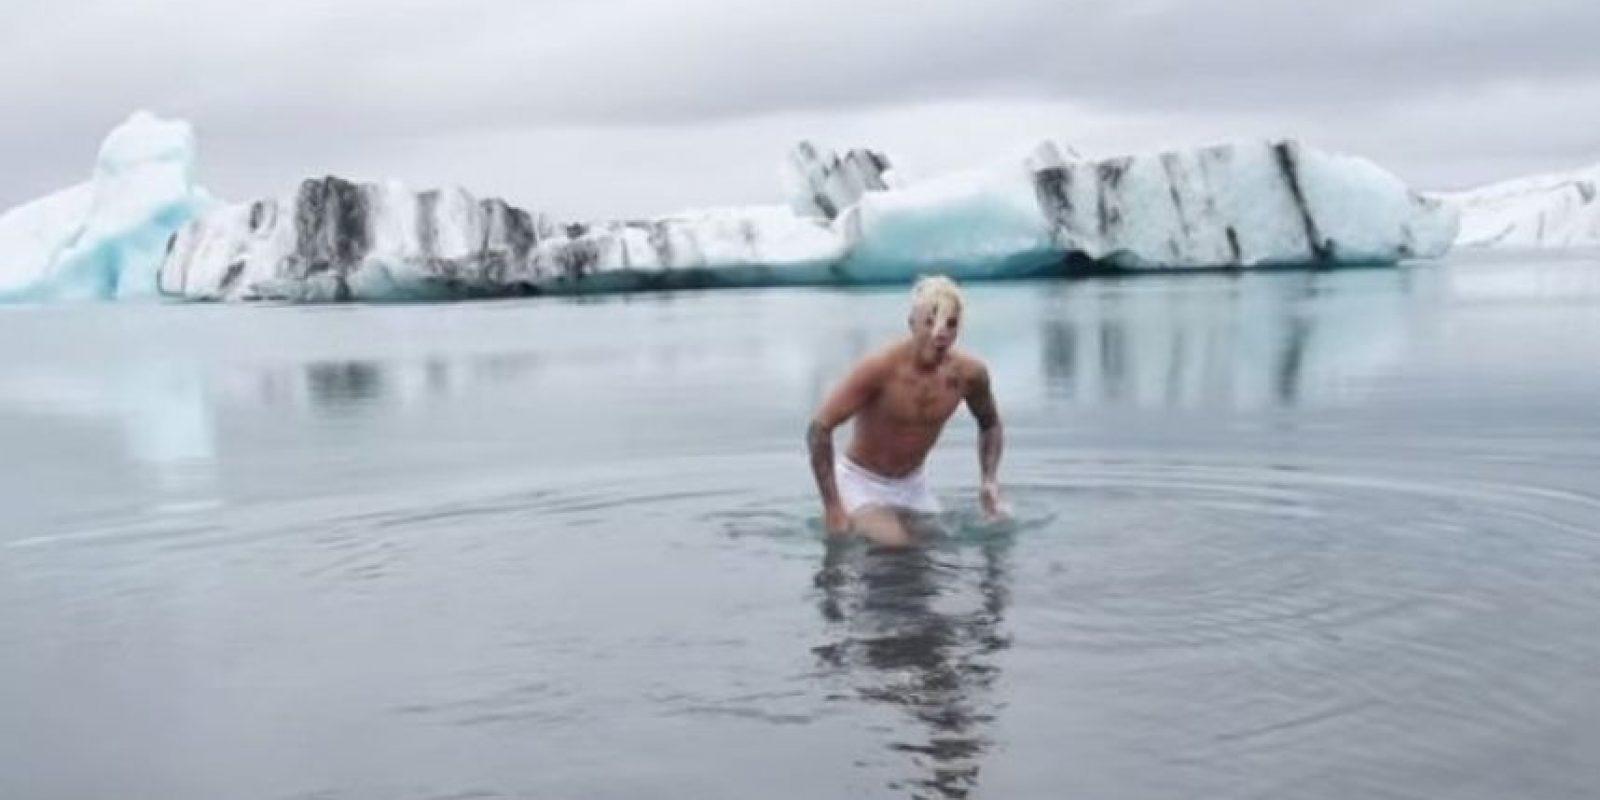 """Los operadores aseguran que no hay reglas con la natación, pero que resulta """"estúpido"""" que alguien nade en el lugar, ya que la temperatura del agua oscila entre los 3 y -3 grados centígrados. Lo que podría provocar la muerte a aquellas personas que imitaran su comportamiento en el lago. Foto:YouTube/justinbiebervevo"""